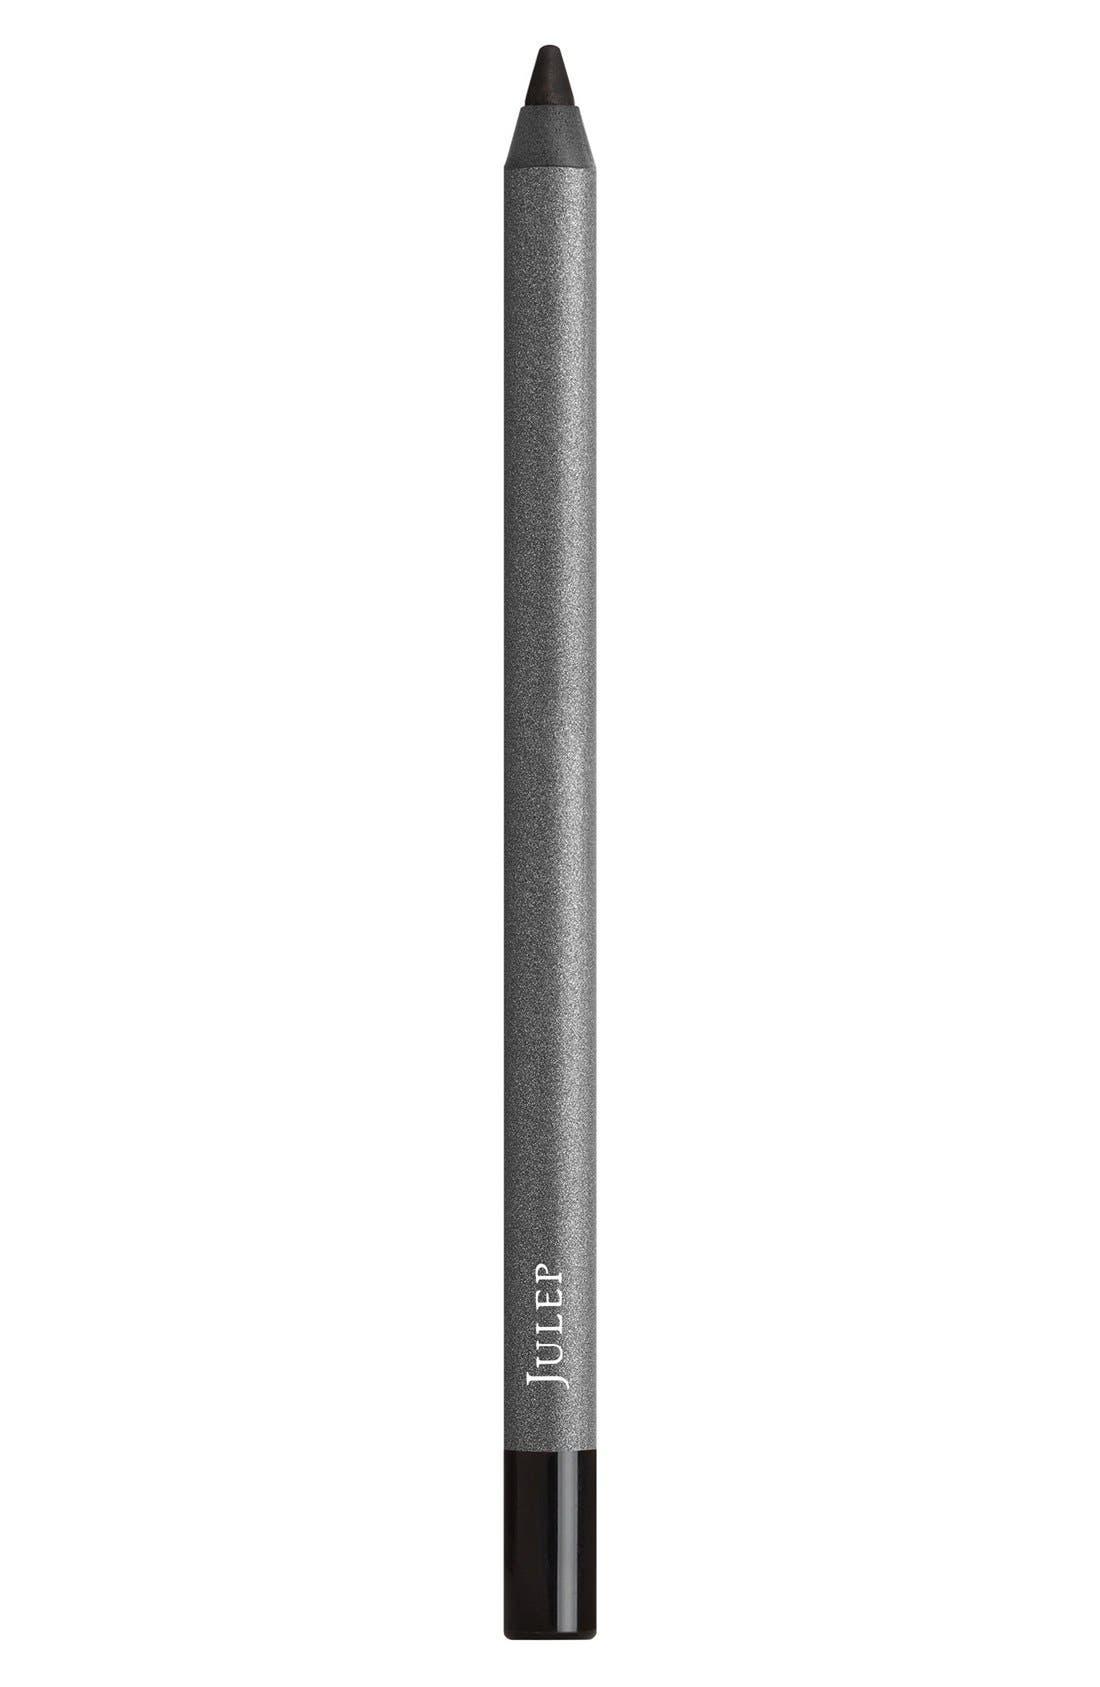 Julep(TM) When Pencil Met Gel Long-Lasting Eyeliner - Blackest Black